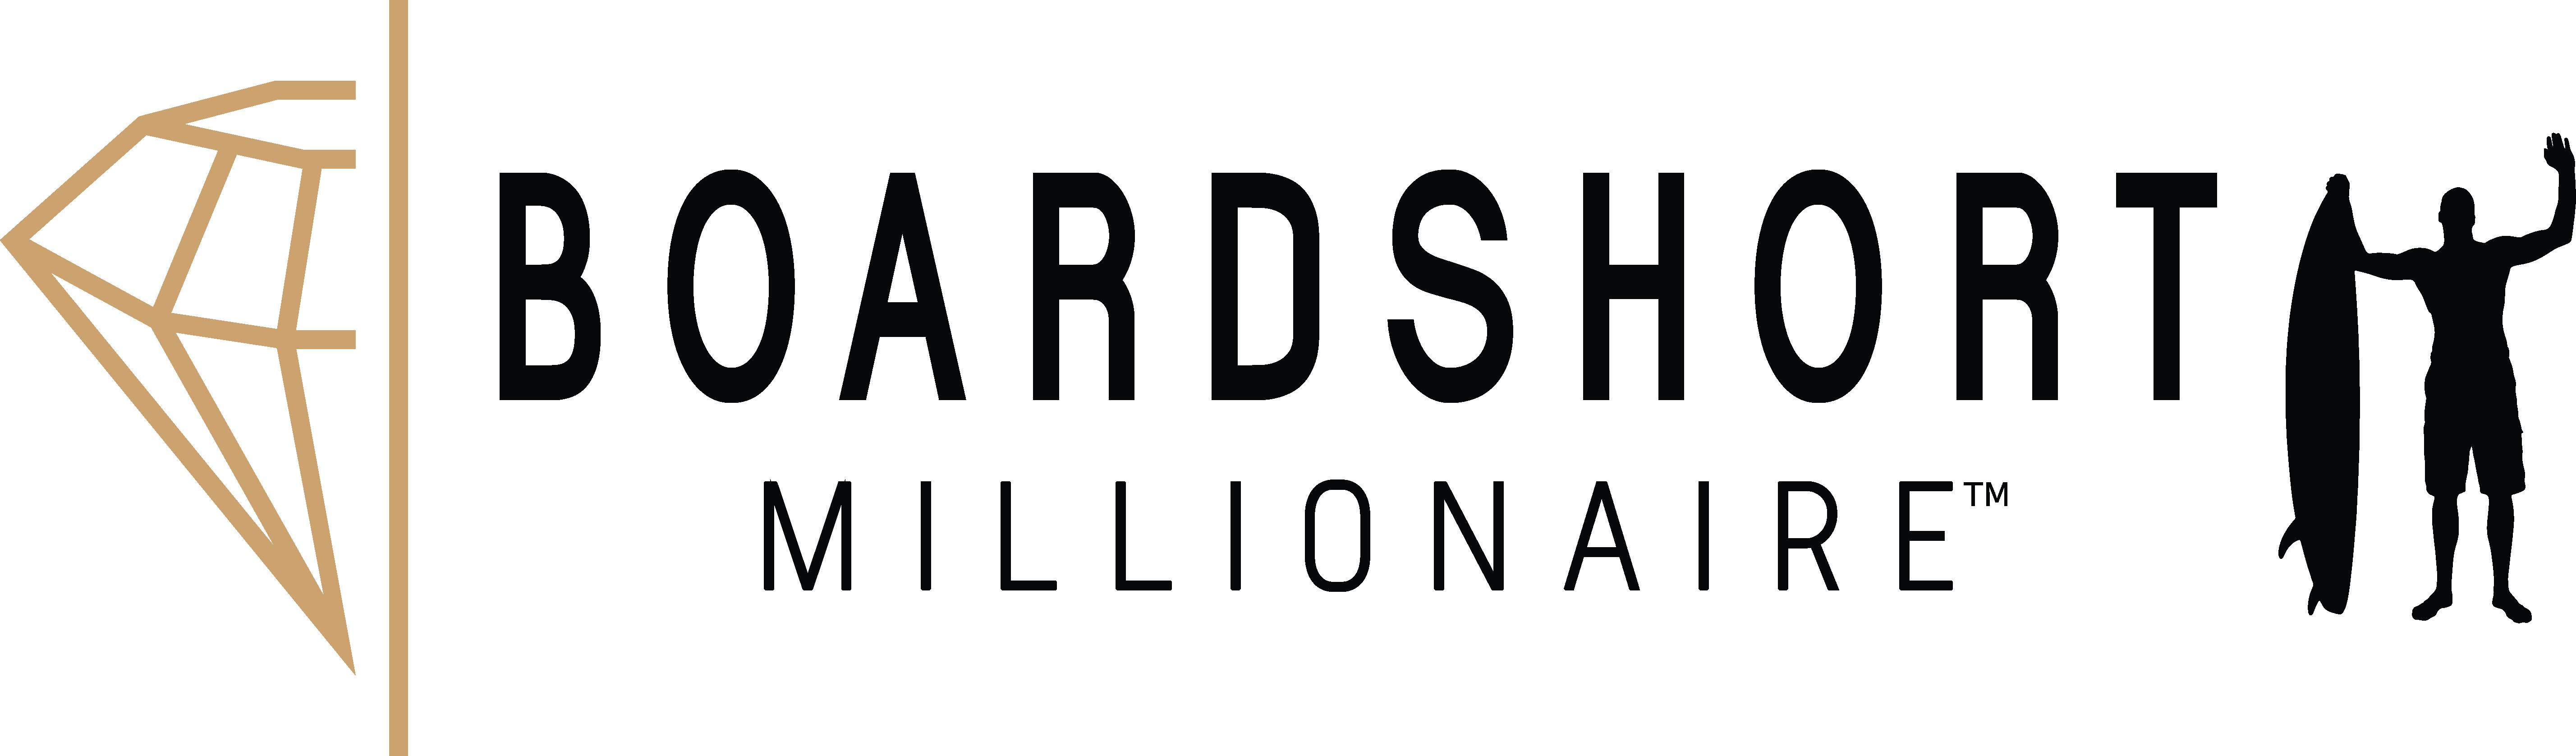 My Boardshort Millionaire